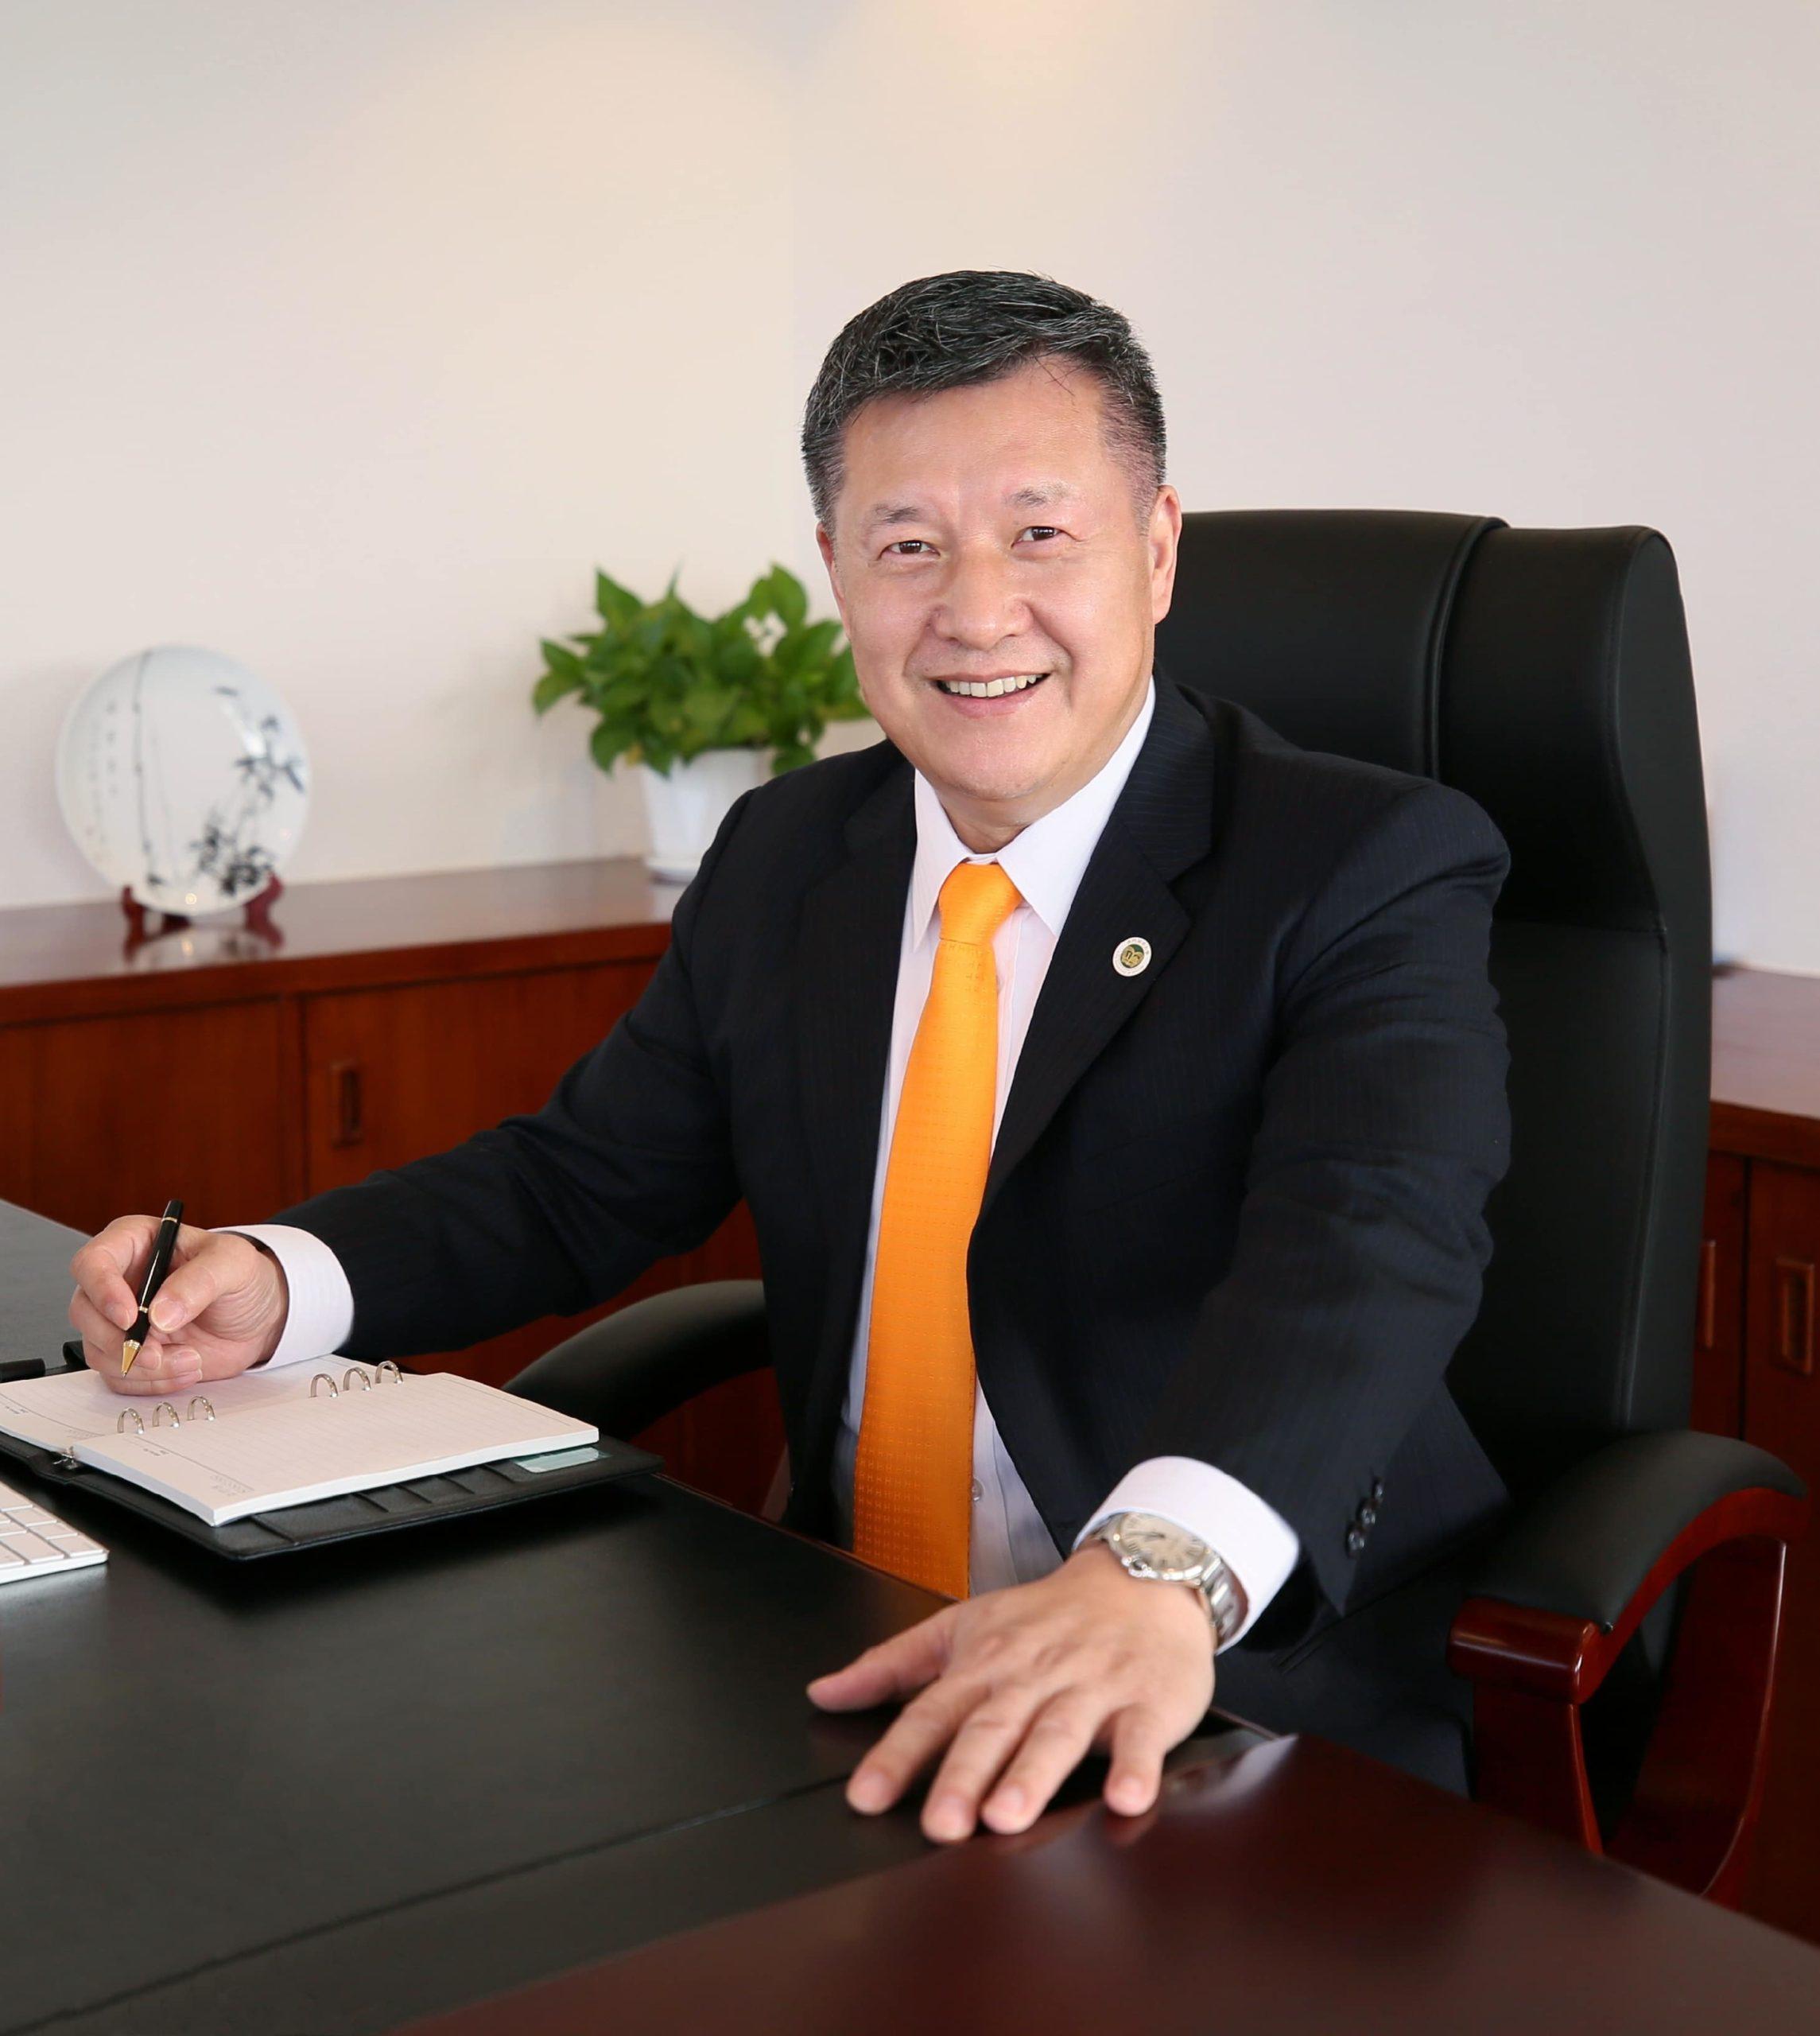 Universidade Cidade de Macau | Jun Liu é o novo reitor